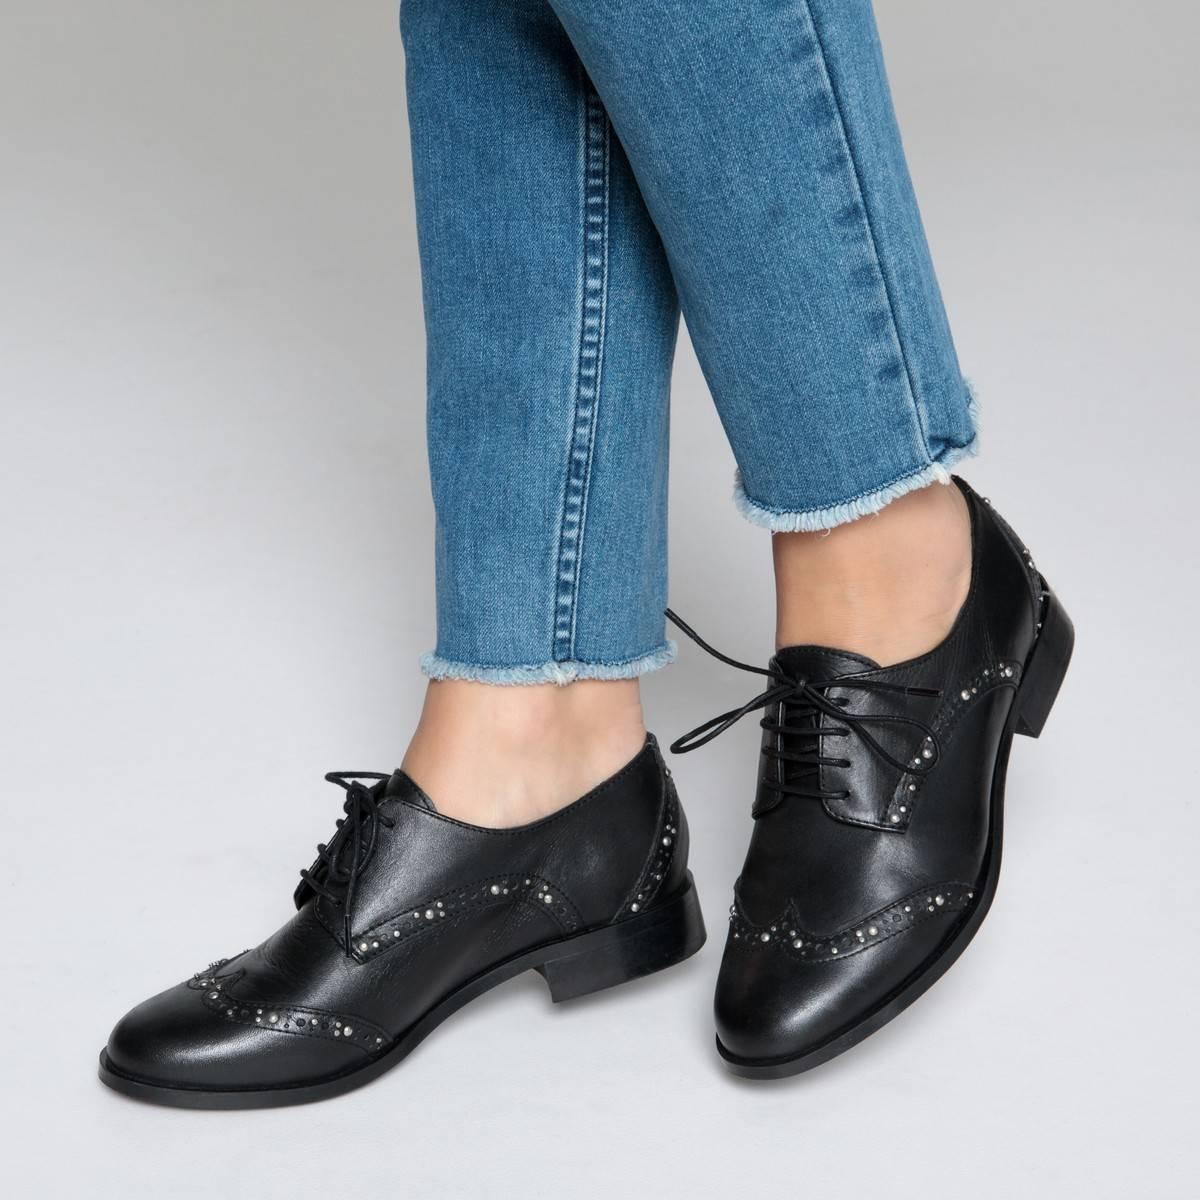 оригинальные поздравления ботинки дерби женские фото вставить